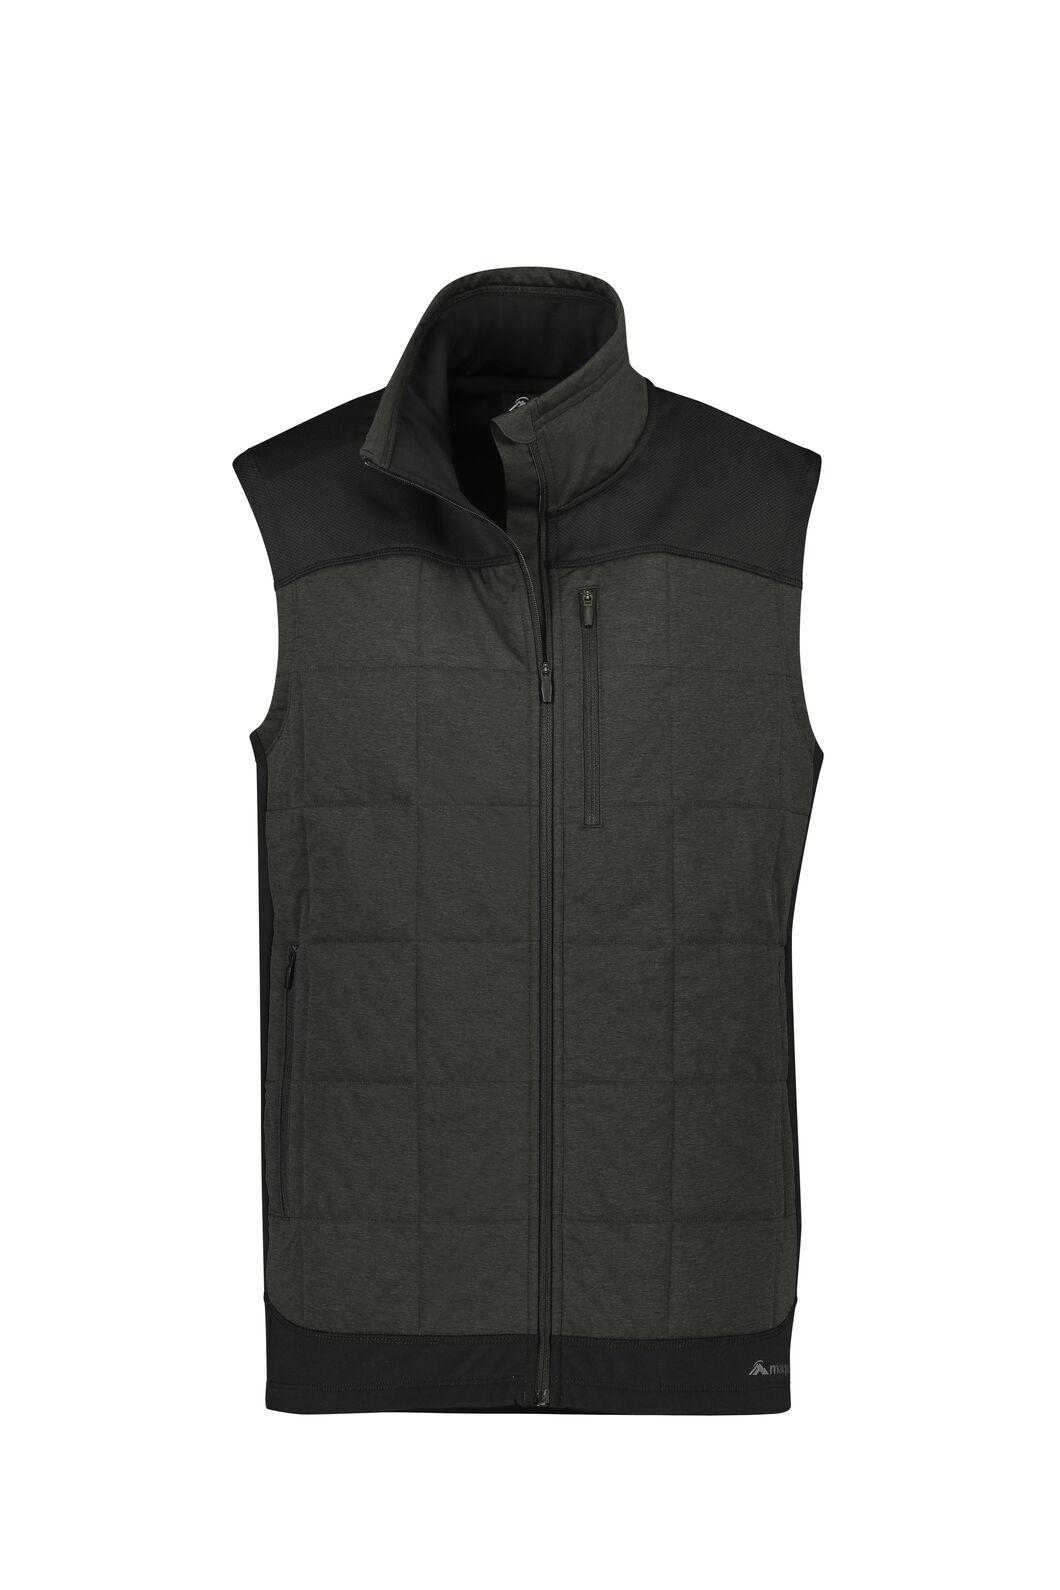 Macpac Accelerate PrimaLoft® Vest - Men's, Black, hi-res